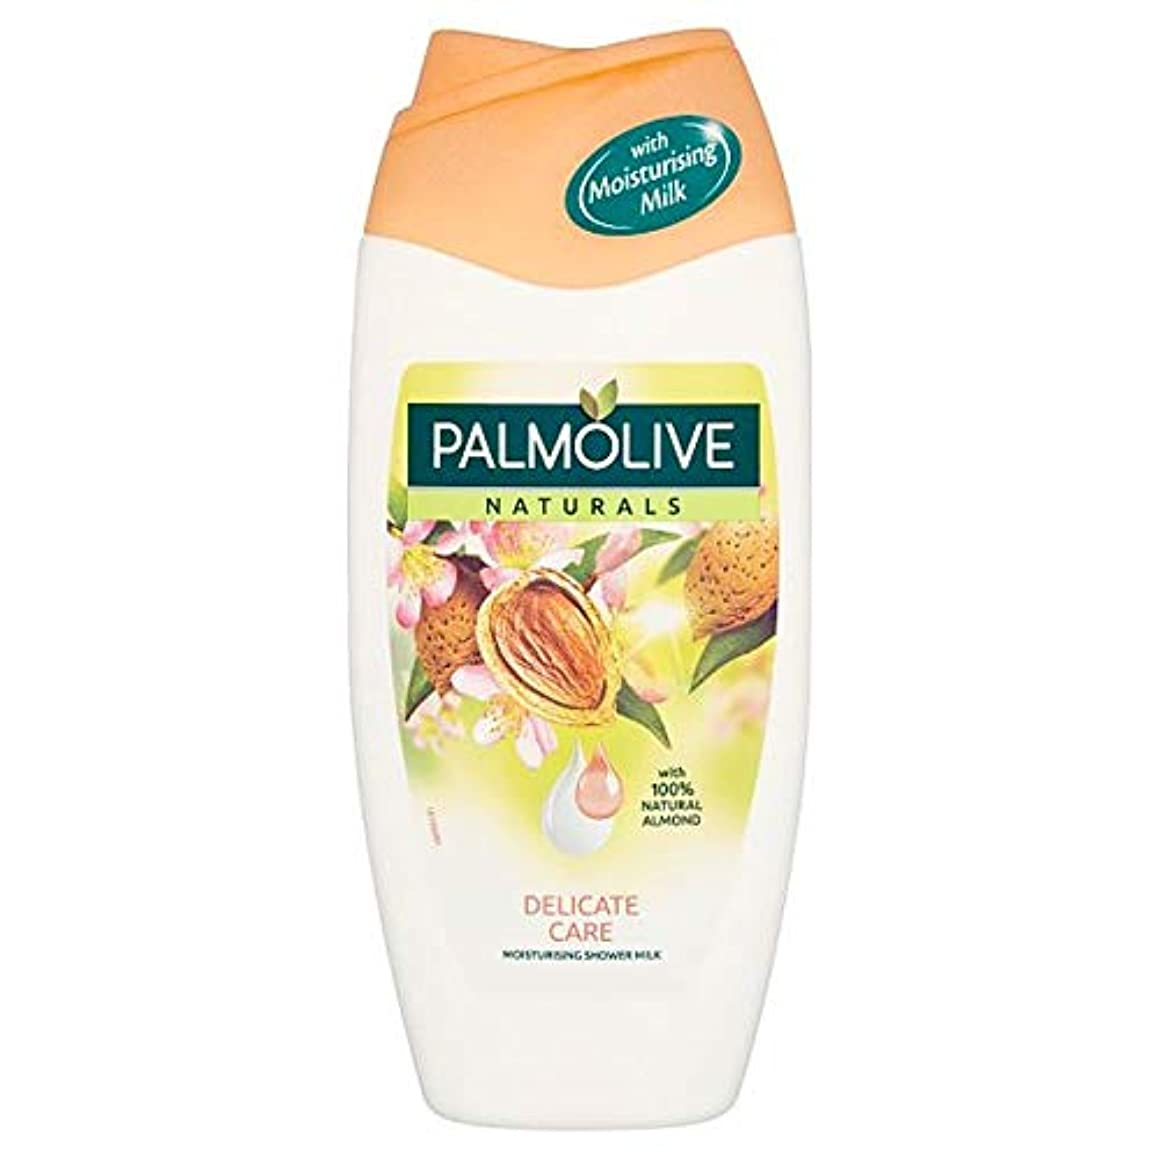 姉妹怠惰うまれた[Palmolive] Palmolive社ナチュラルズは、シャワージェル250ミリリットルアーモンド - Palmolive Naturals Almond Shower Gel 250Ml [並行輸入品]